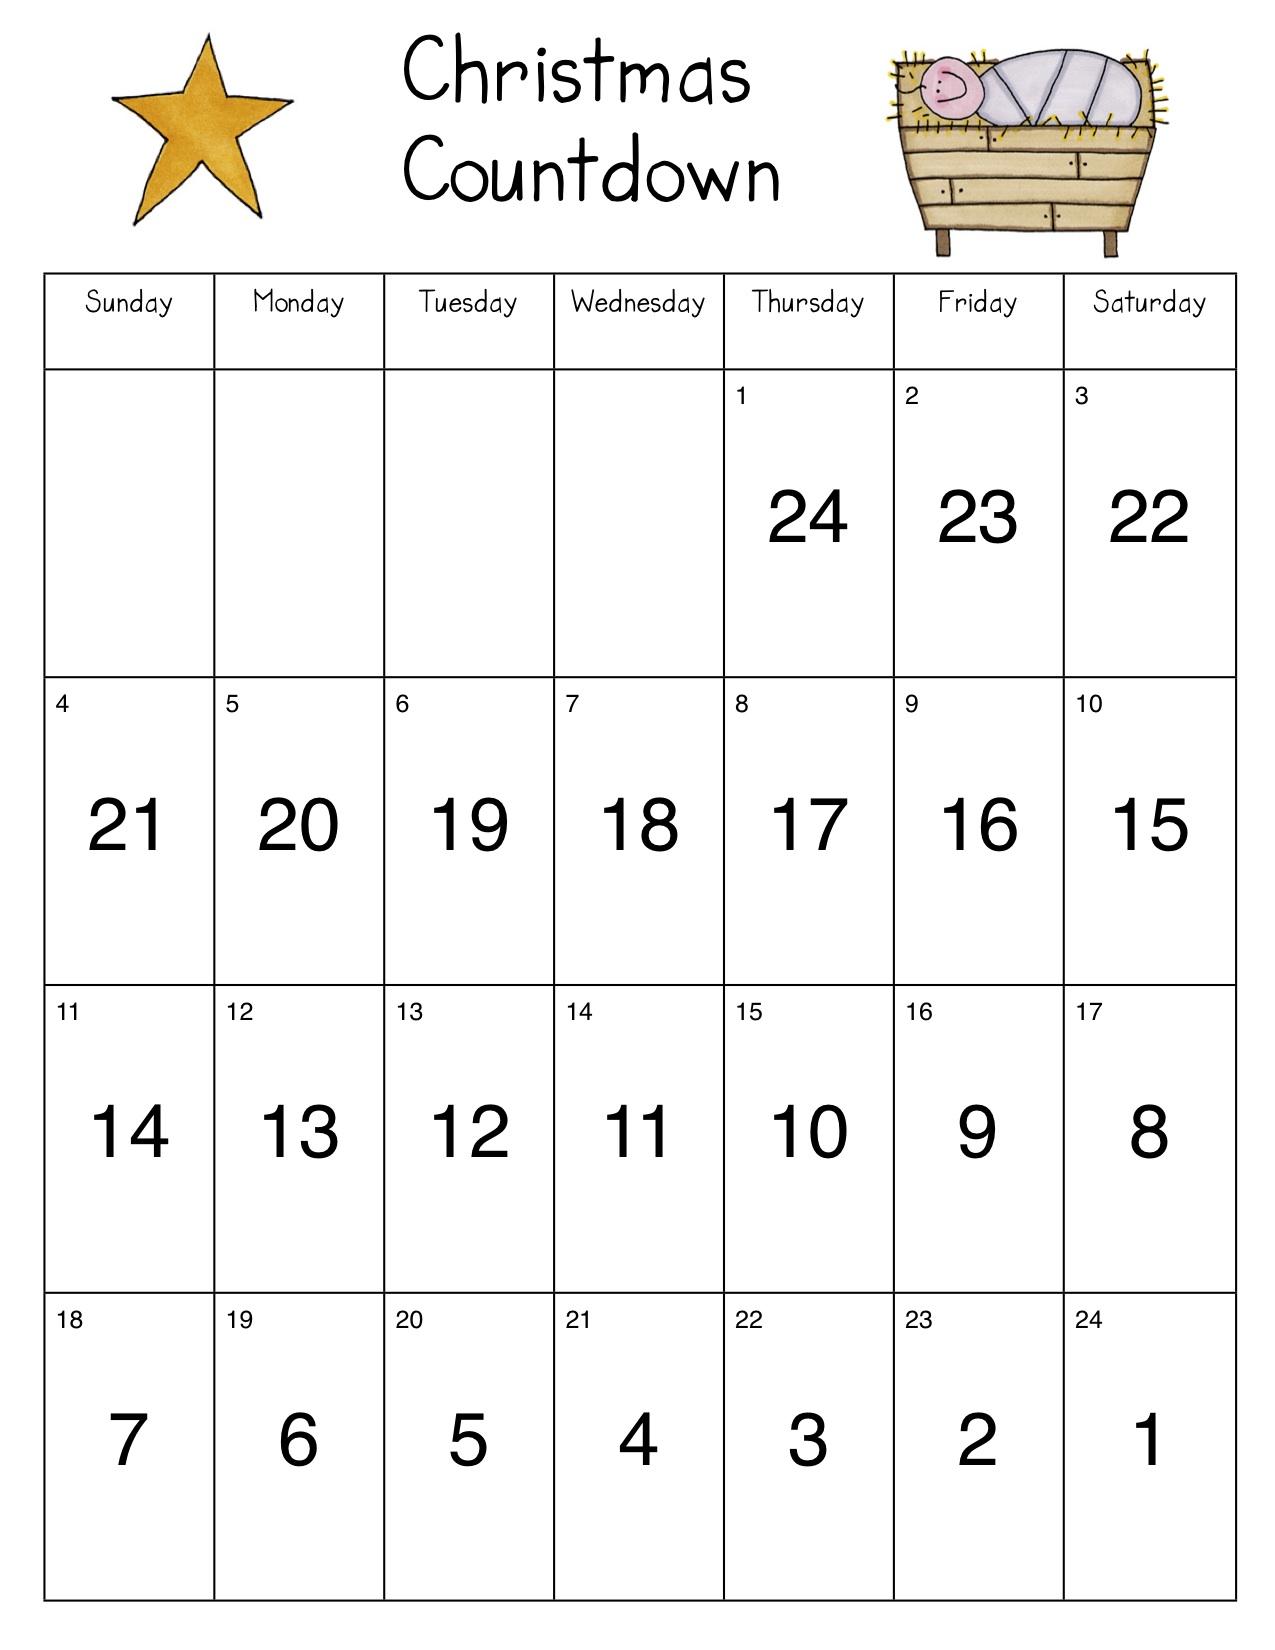 December calendar clipart clipart transparent stock December 2015 Calendar Clipart - Clipart Kid clipart transparent stock